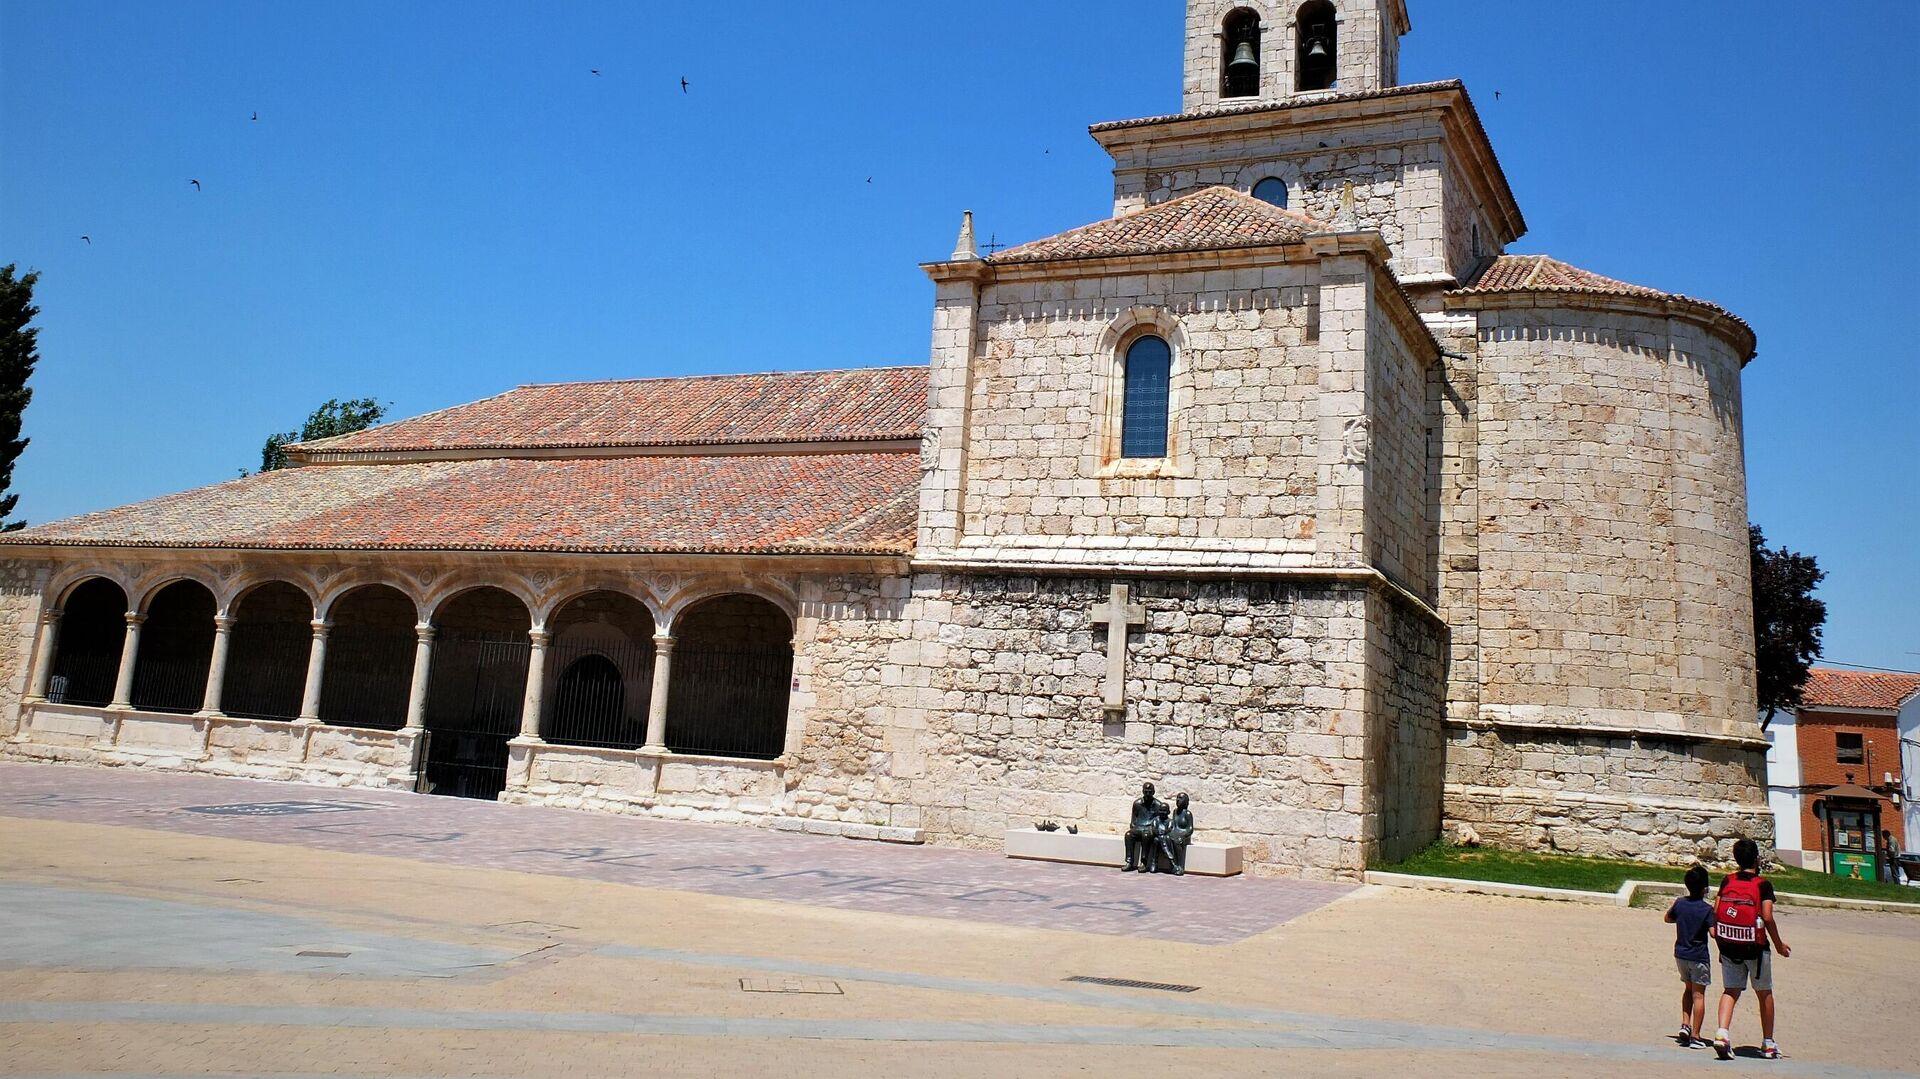 Iglesia de la Asunción, en la plaza principal de Torres de la Alameda (Madrid), localidad donde se ubicarán las placas solares - Sputnik Mundo, 1920, 09.06.2021